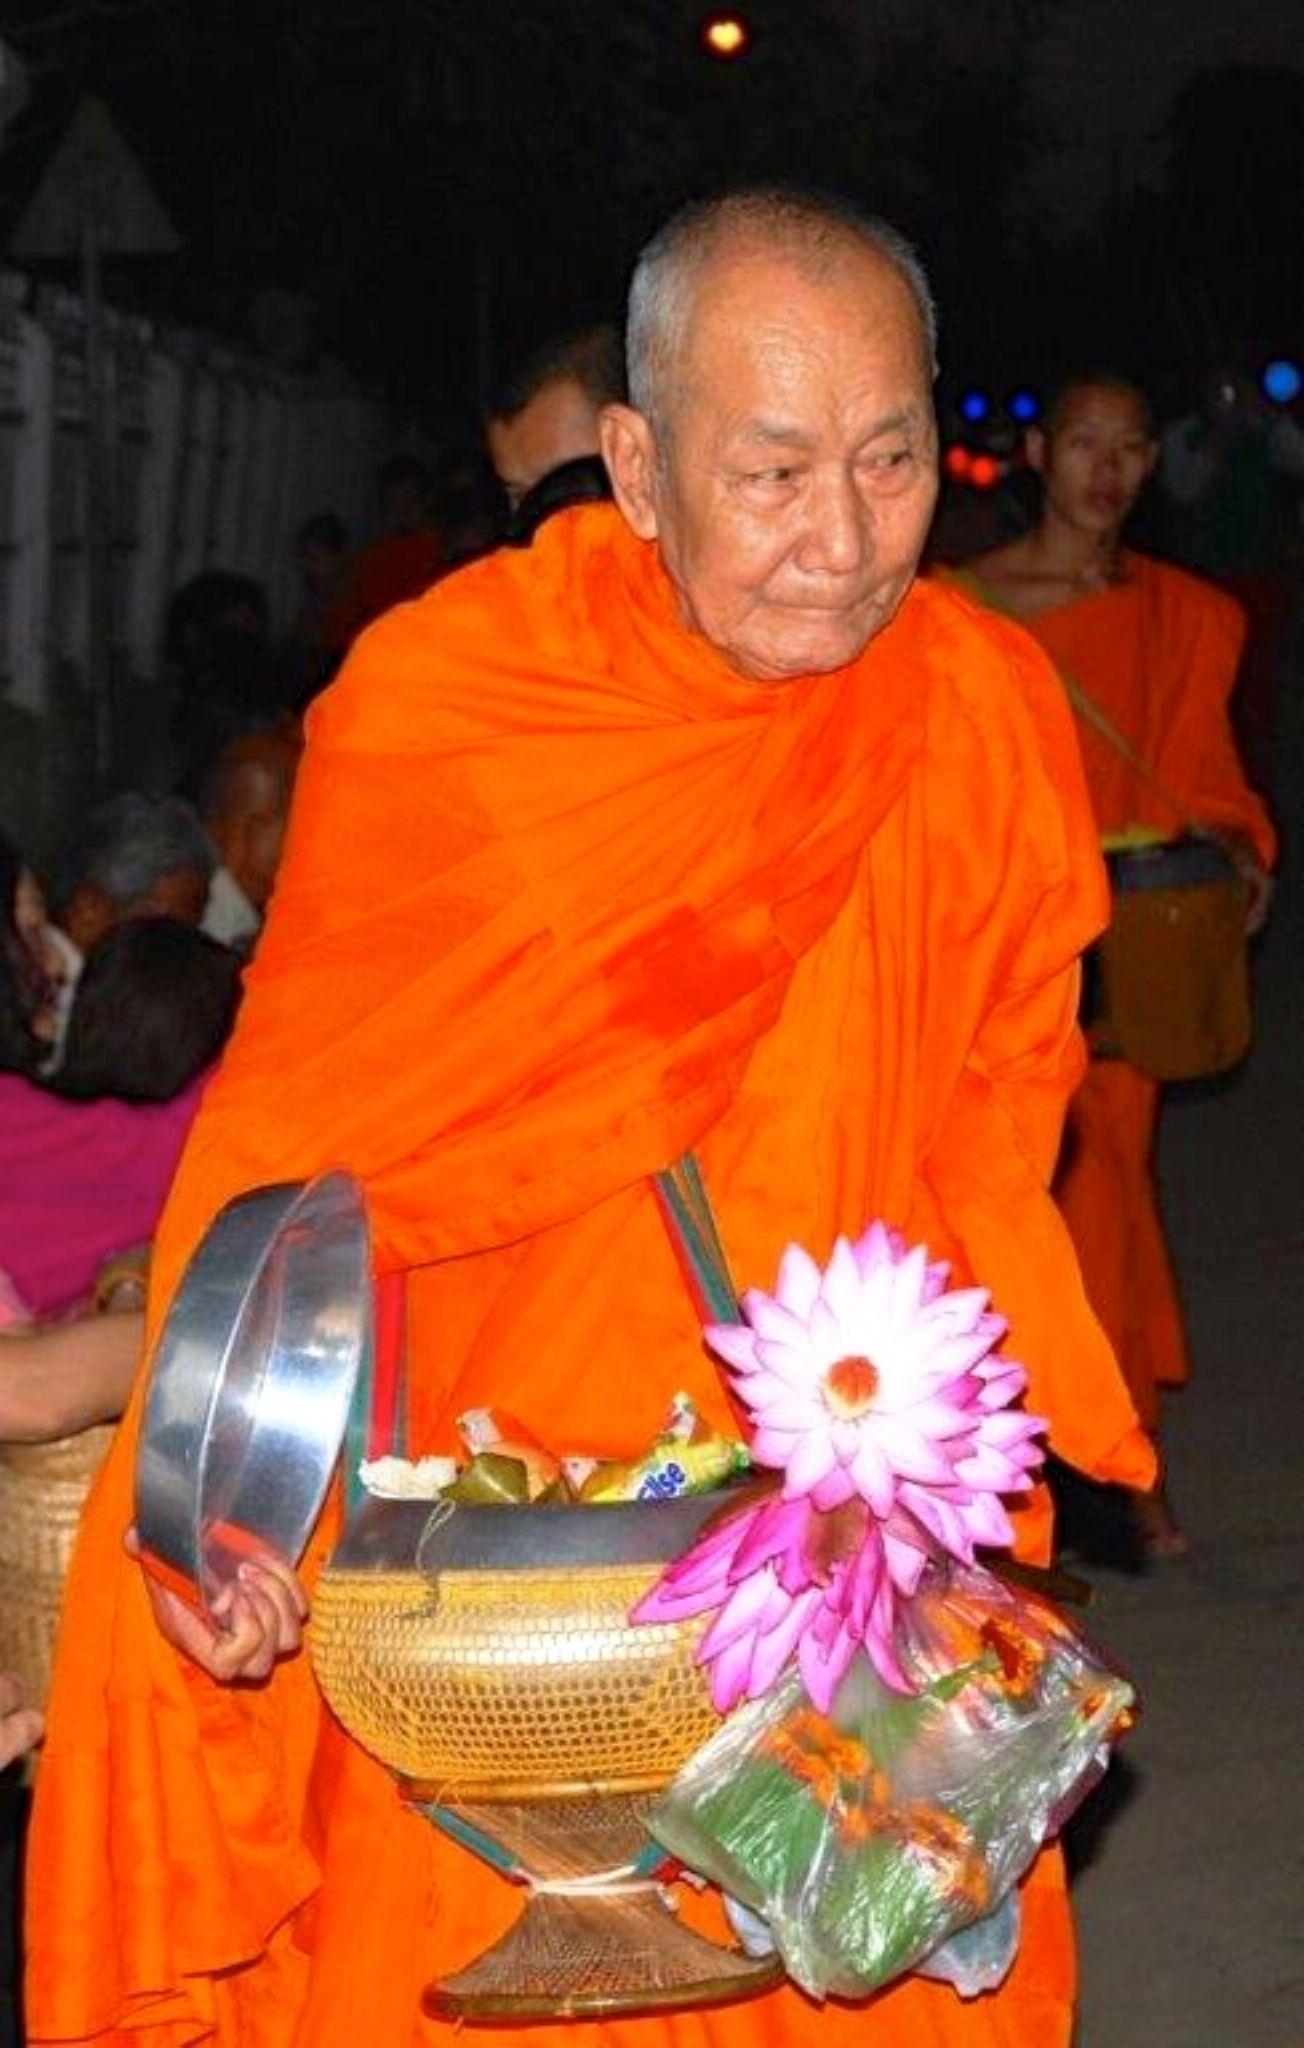 Laos - Luang Prabang by frankska63